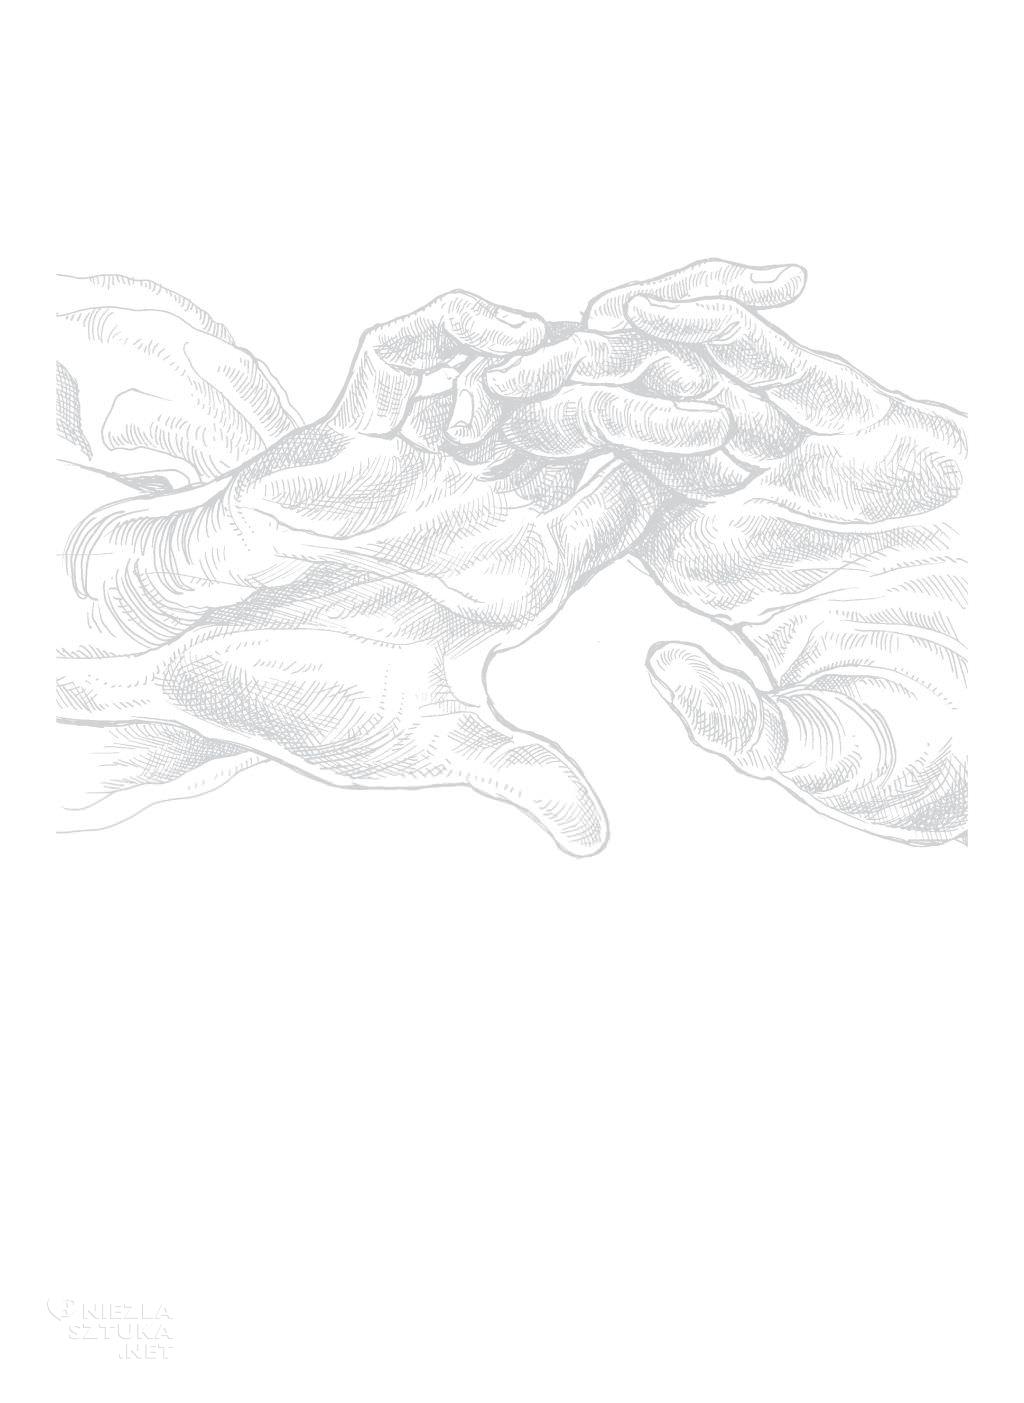 16_oltarz-page-002